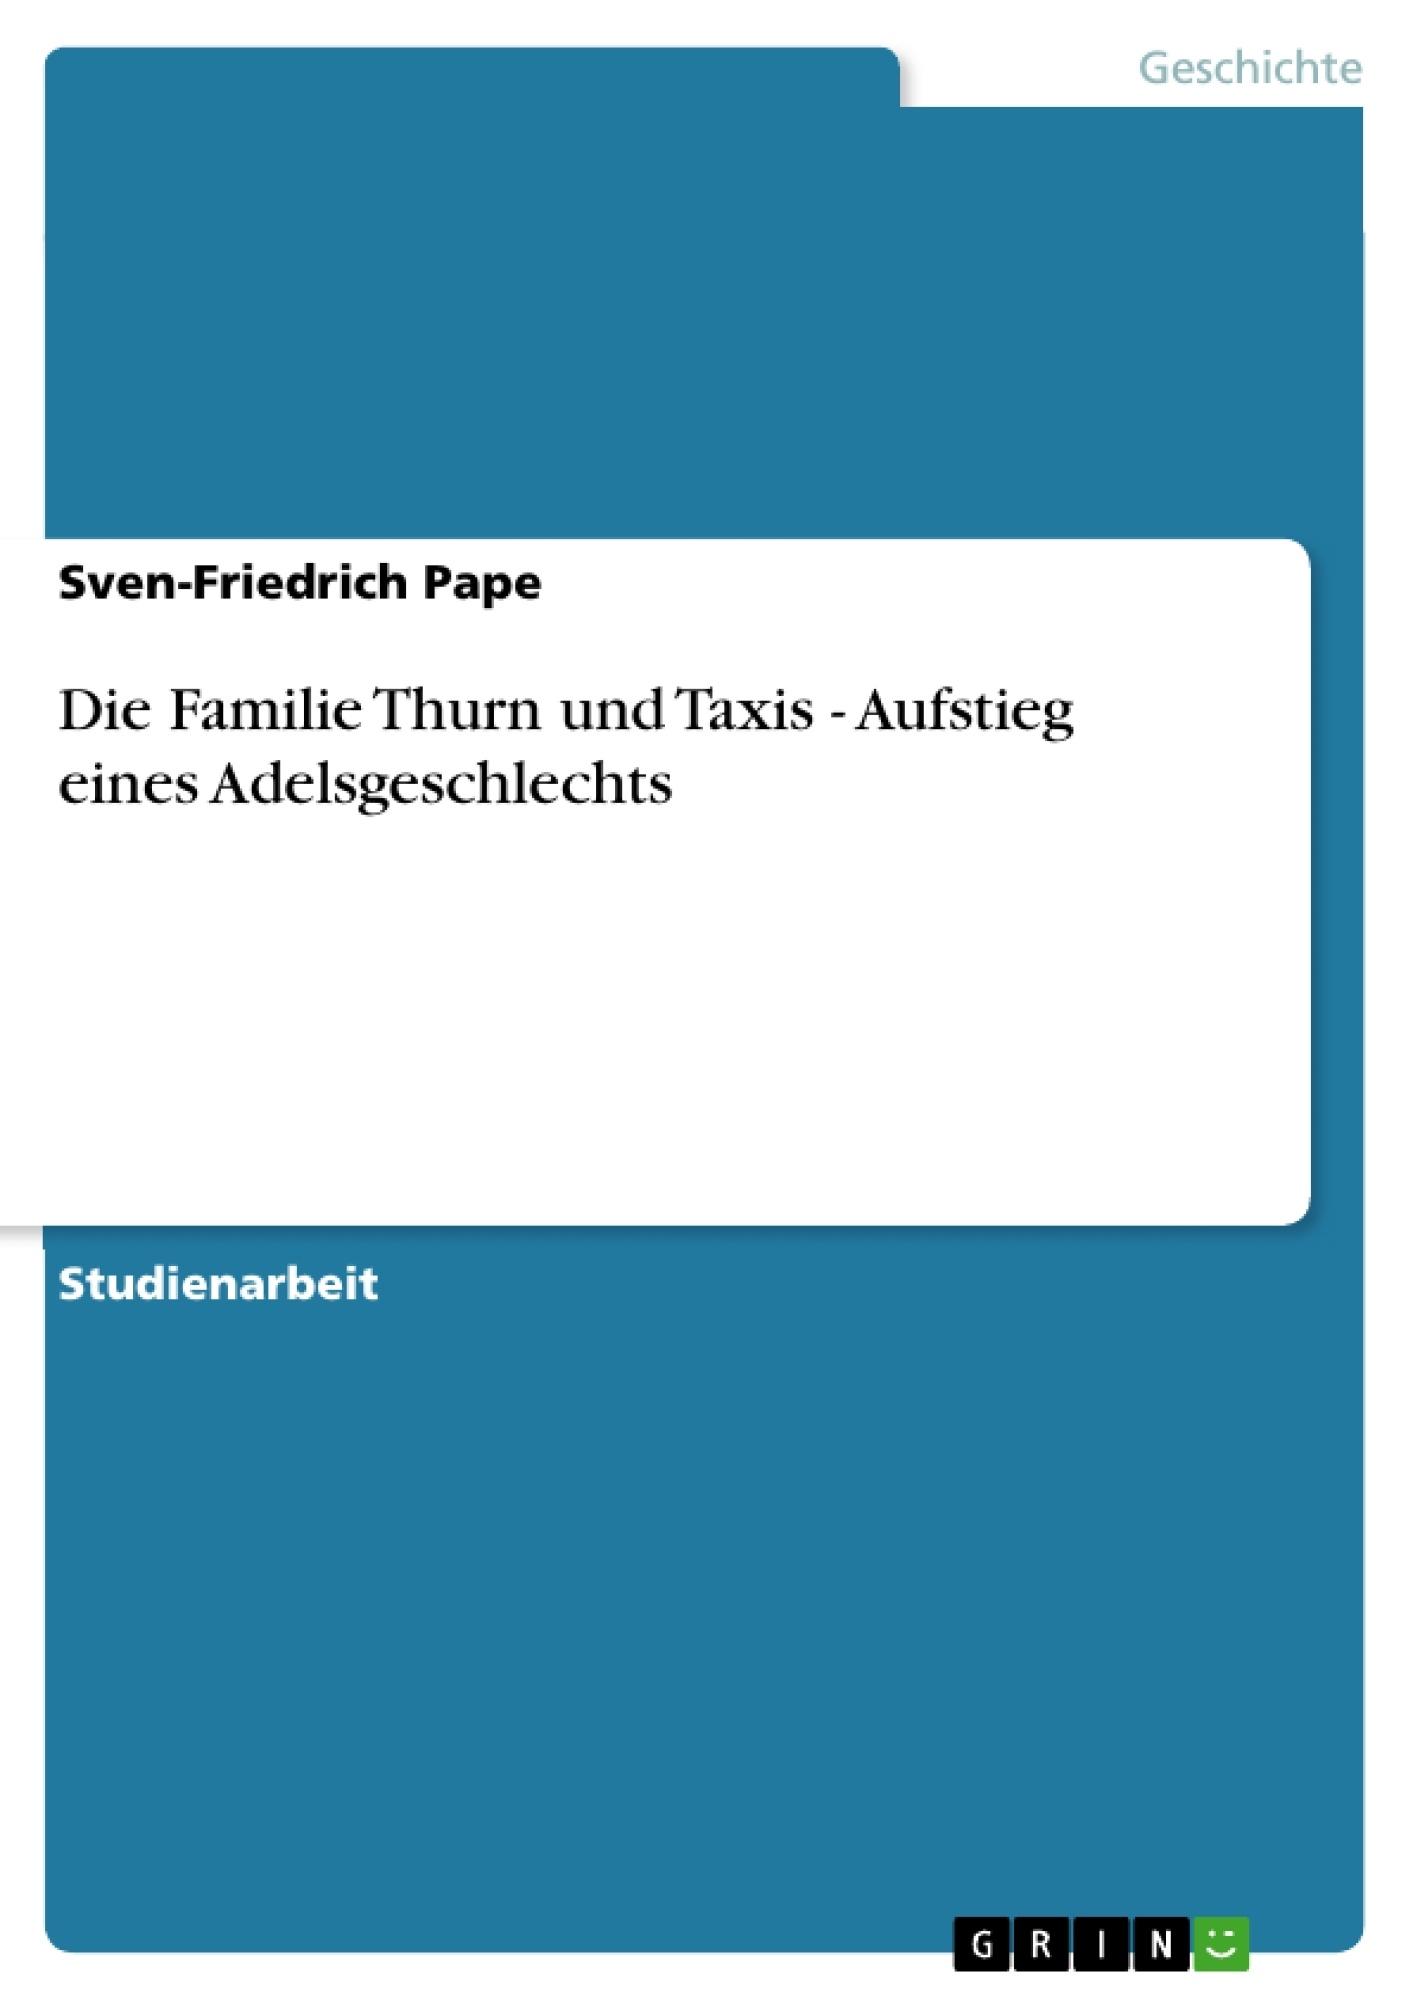 Titel: Die Familie Thurn und Taxis - Aufstieg eines Adelsgeschlechts